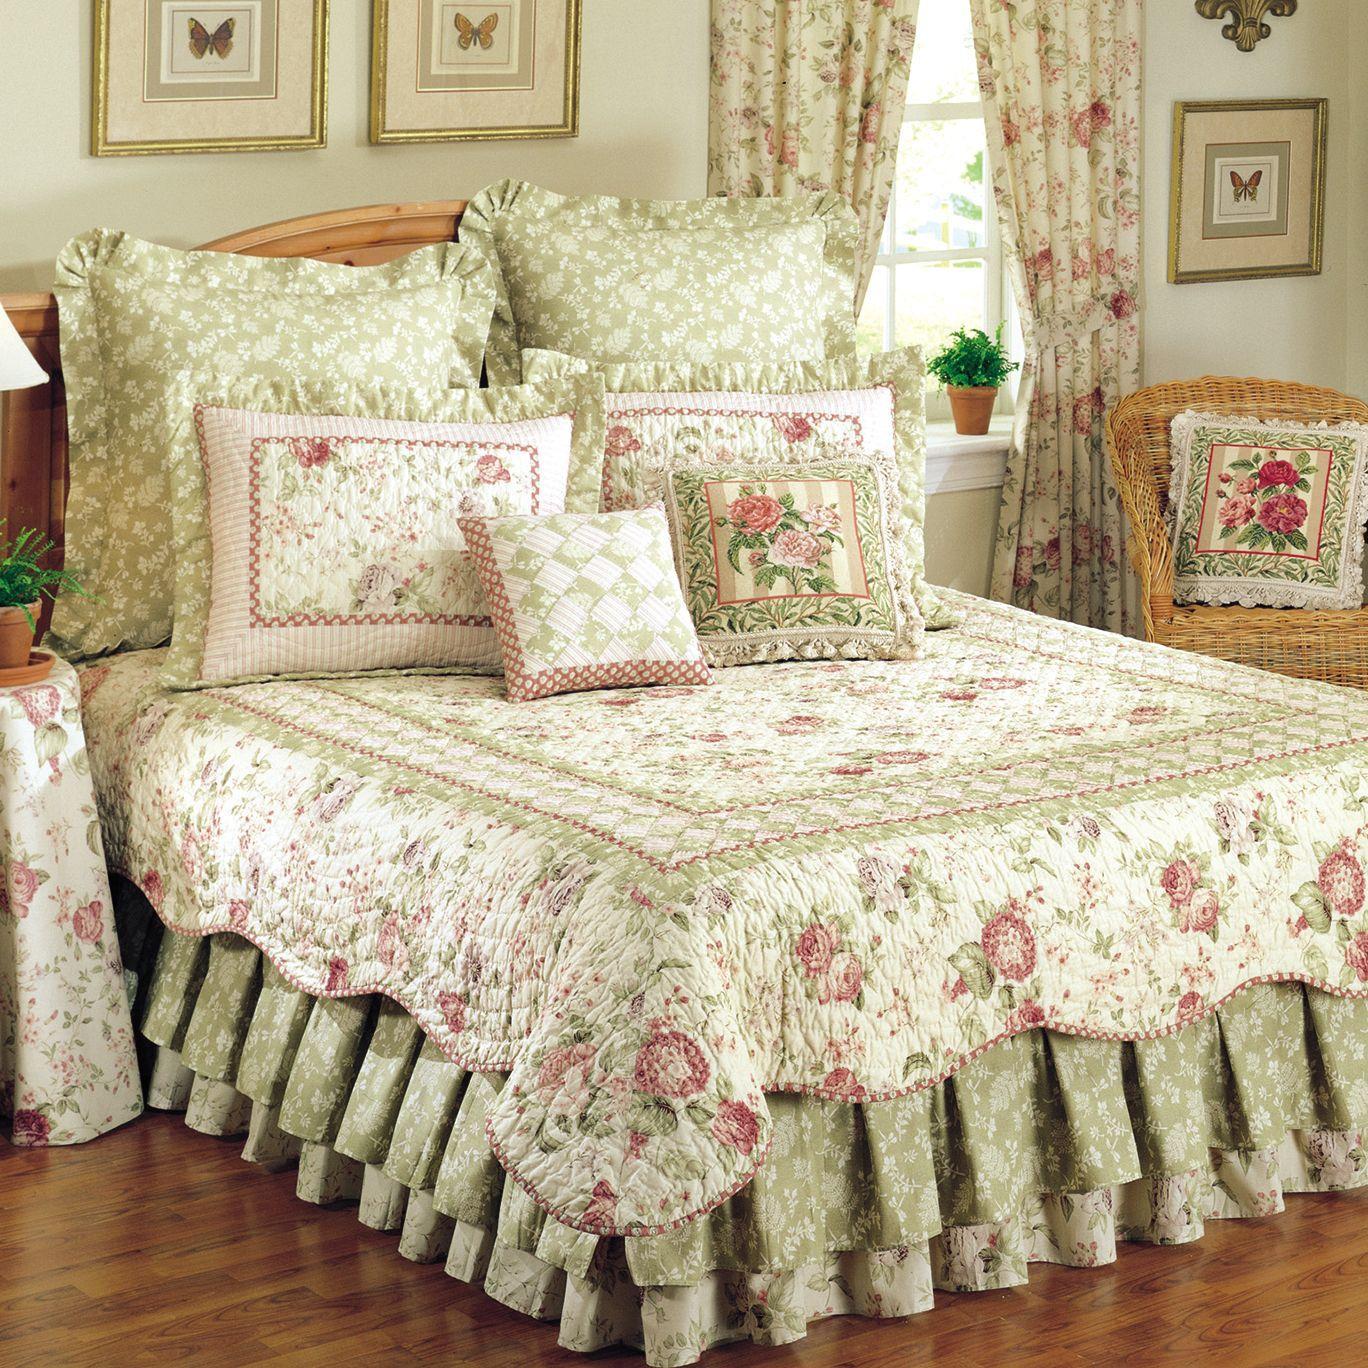 Покрывало в спальню под цвет интерьера и штор